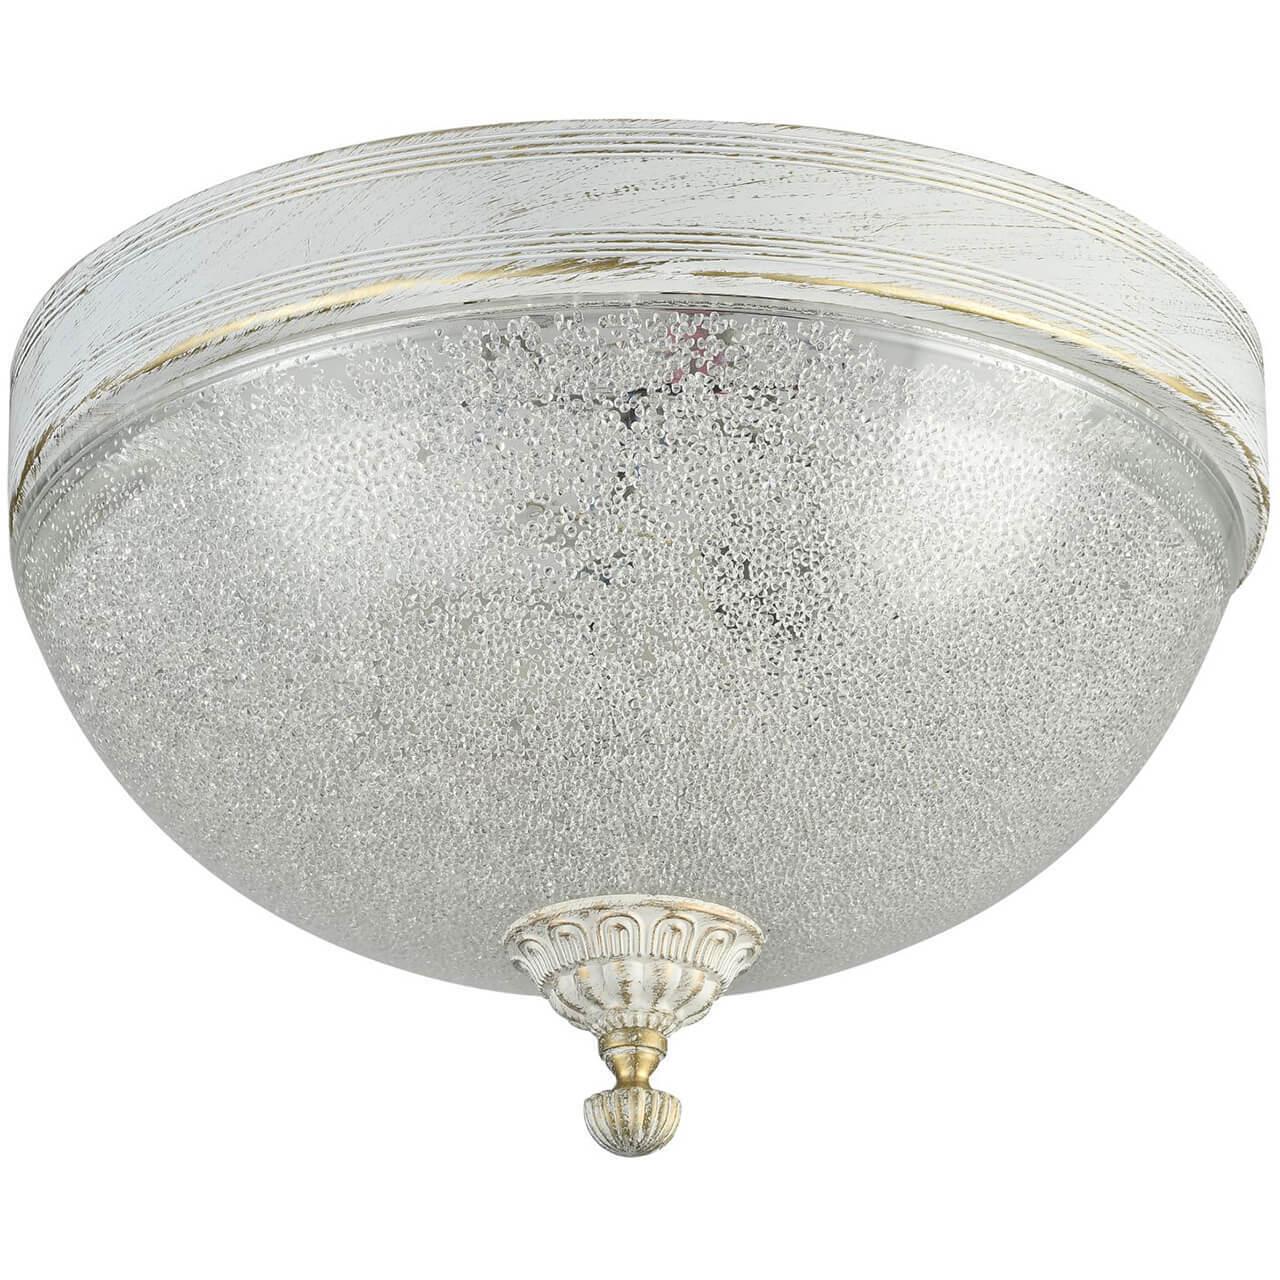 Потолочный светильник Freya Alda FR2747-CL-03-WG цены онлайн